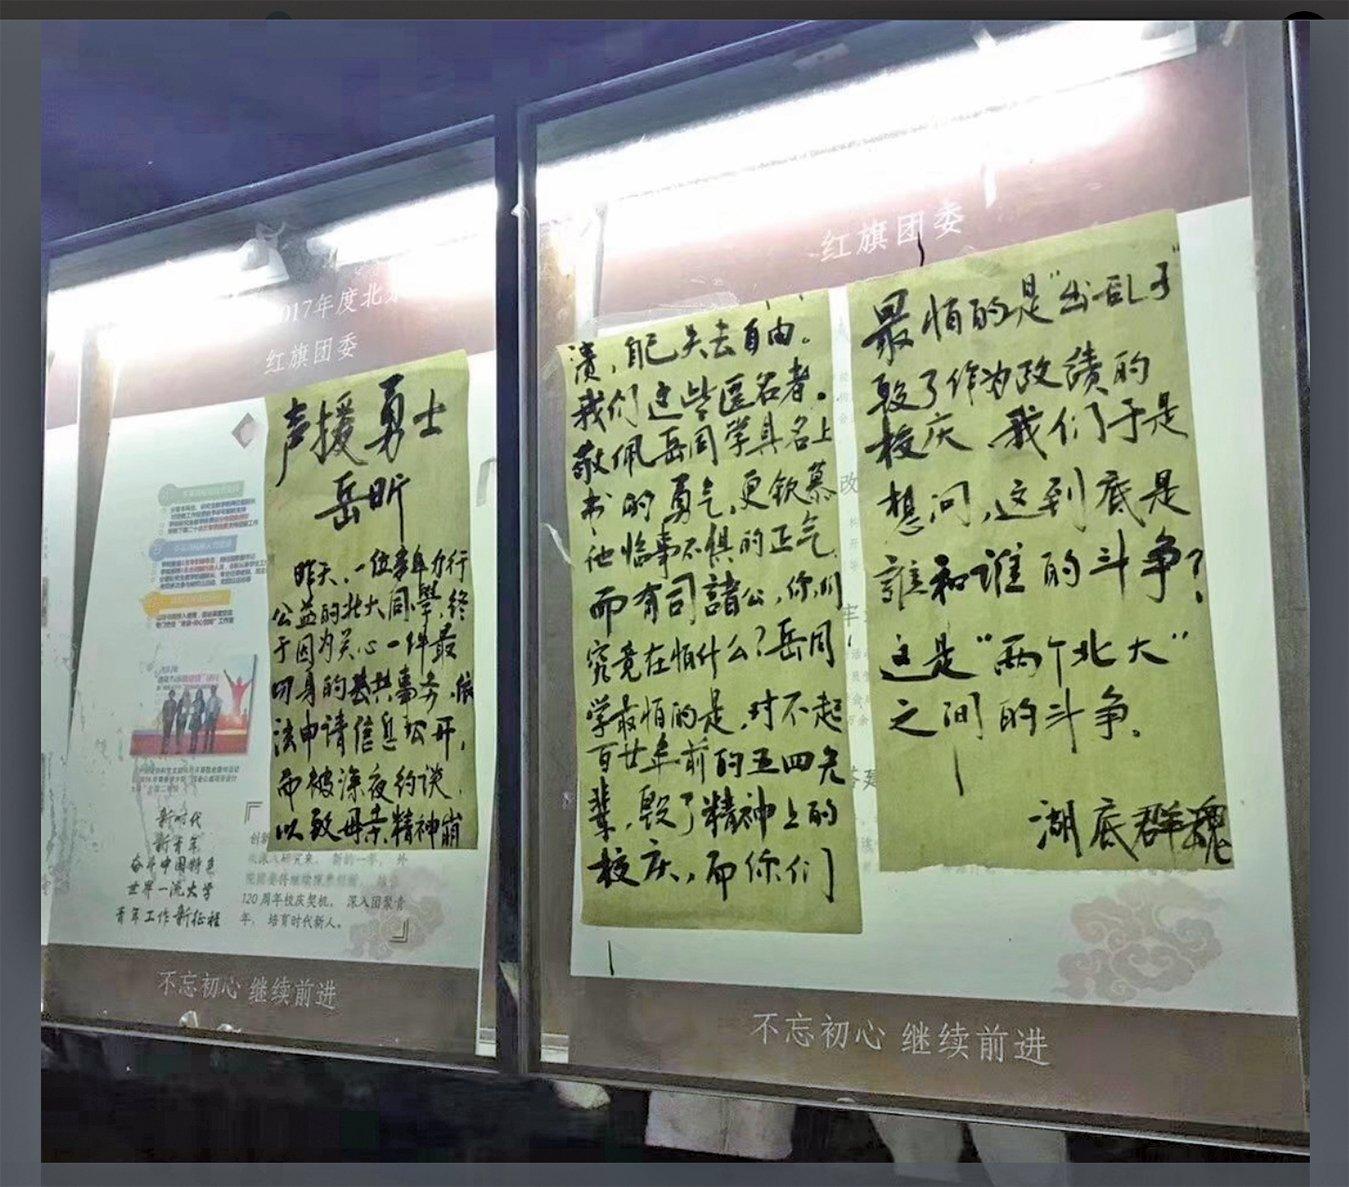 北大現「大字報」聲援學生|大紀元時報 香港|獨立敢言的良心媒體